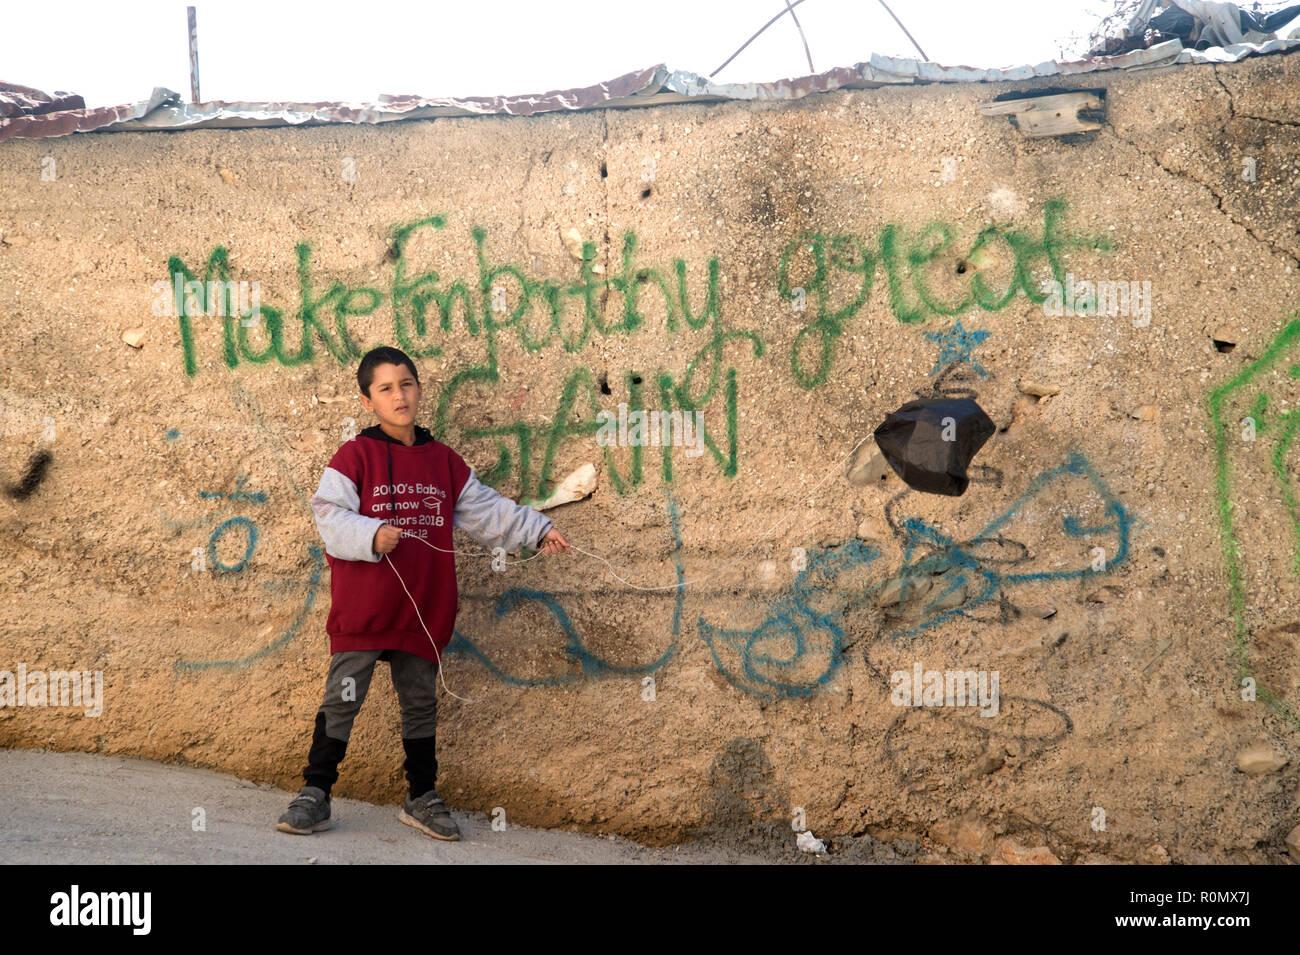 """Betlemme. La Palestina. Un giovane ragazzo gioca con un aquilone realizzato da un sacco nero in plastica, nella parte anteriore della Scrittura che dice 'Make empatia grande ancora"""". Immagini Stock"""